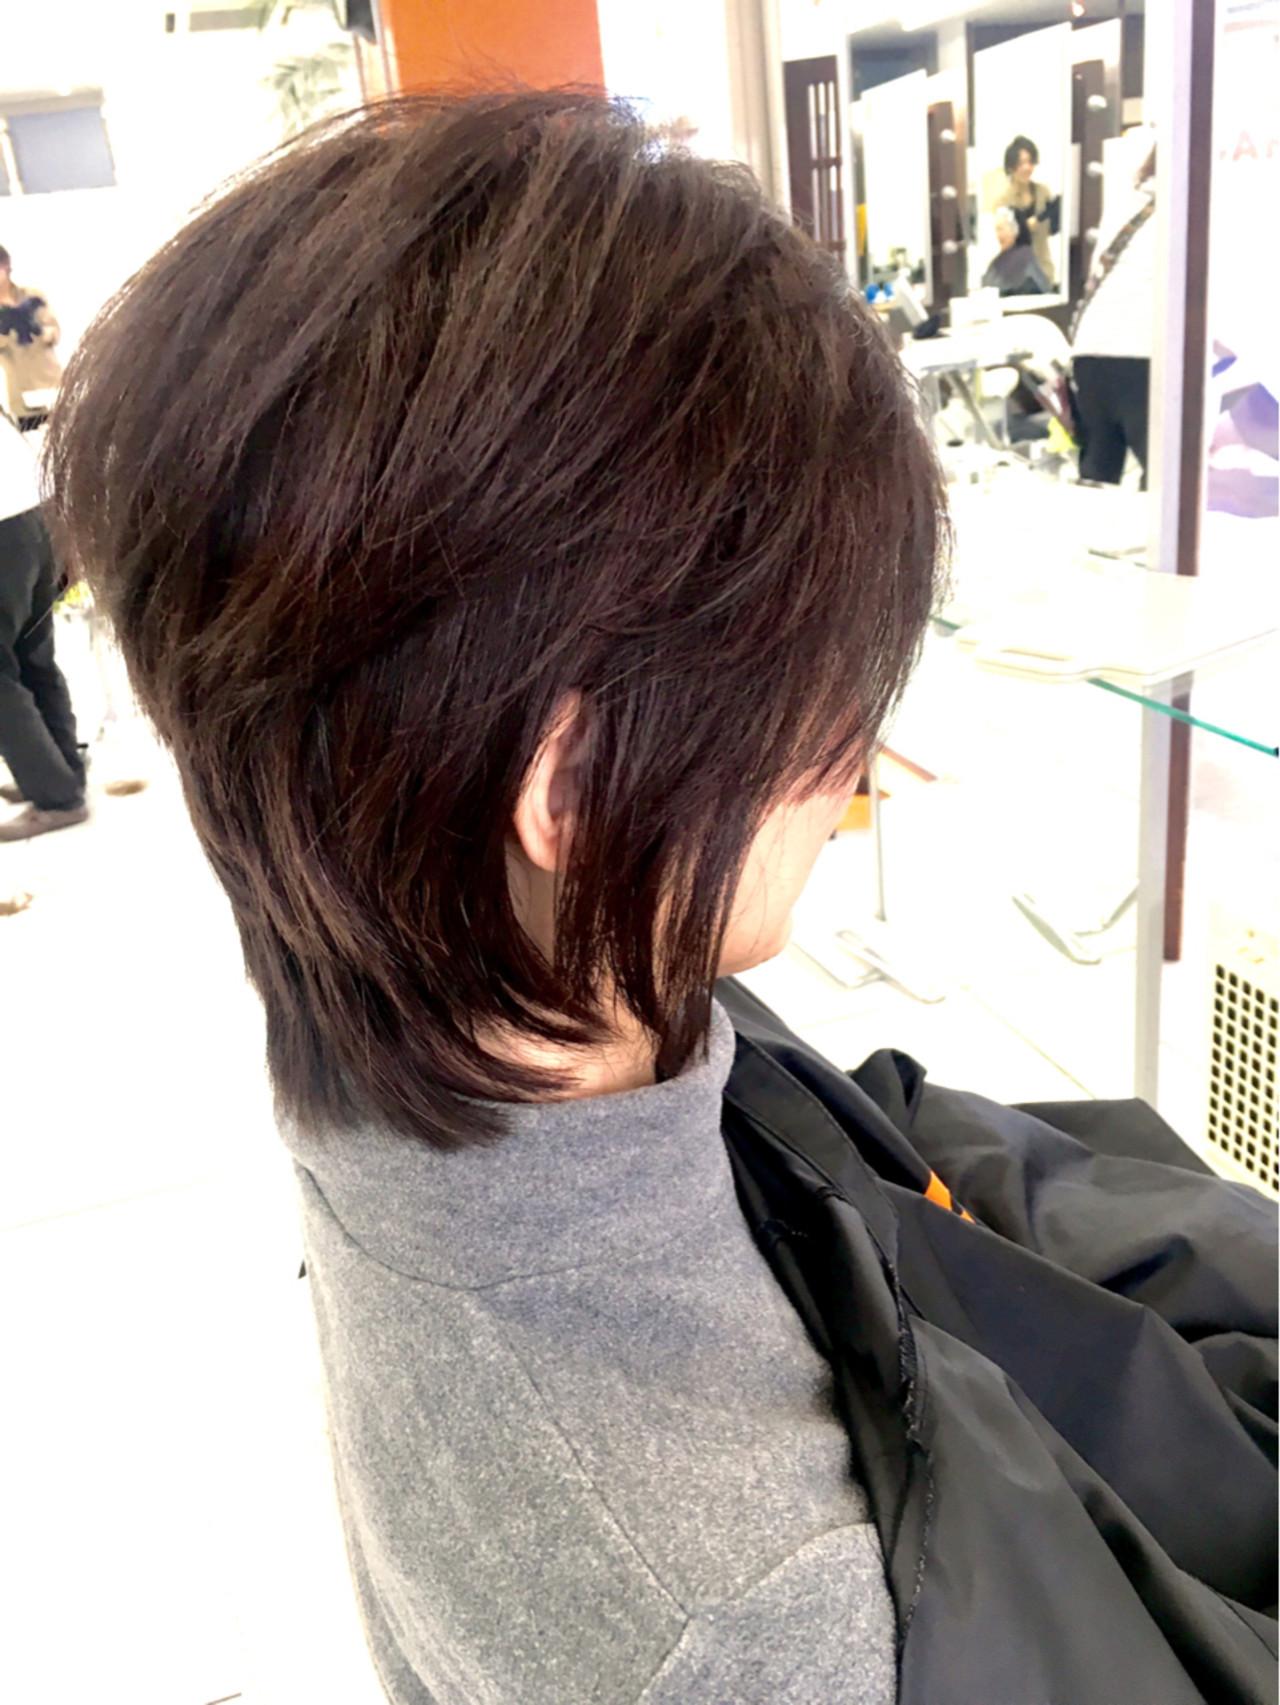 ニュアンス 小顔 色気 ショート ヘアスタイルや髪型の写真・画像